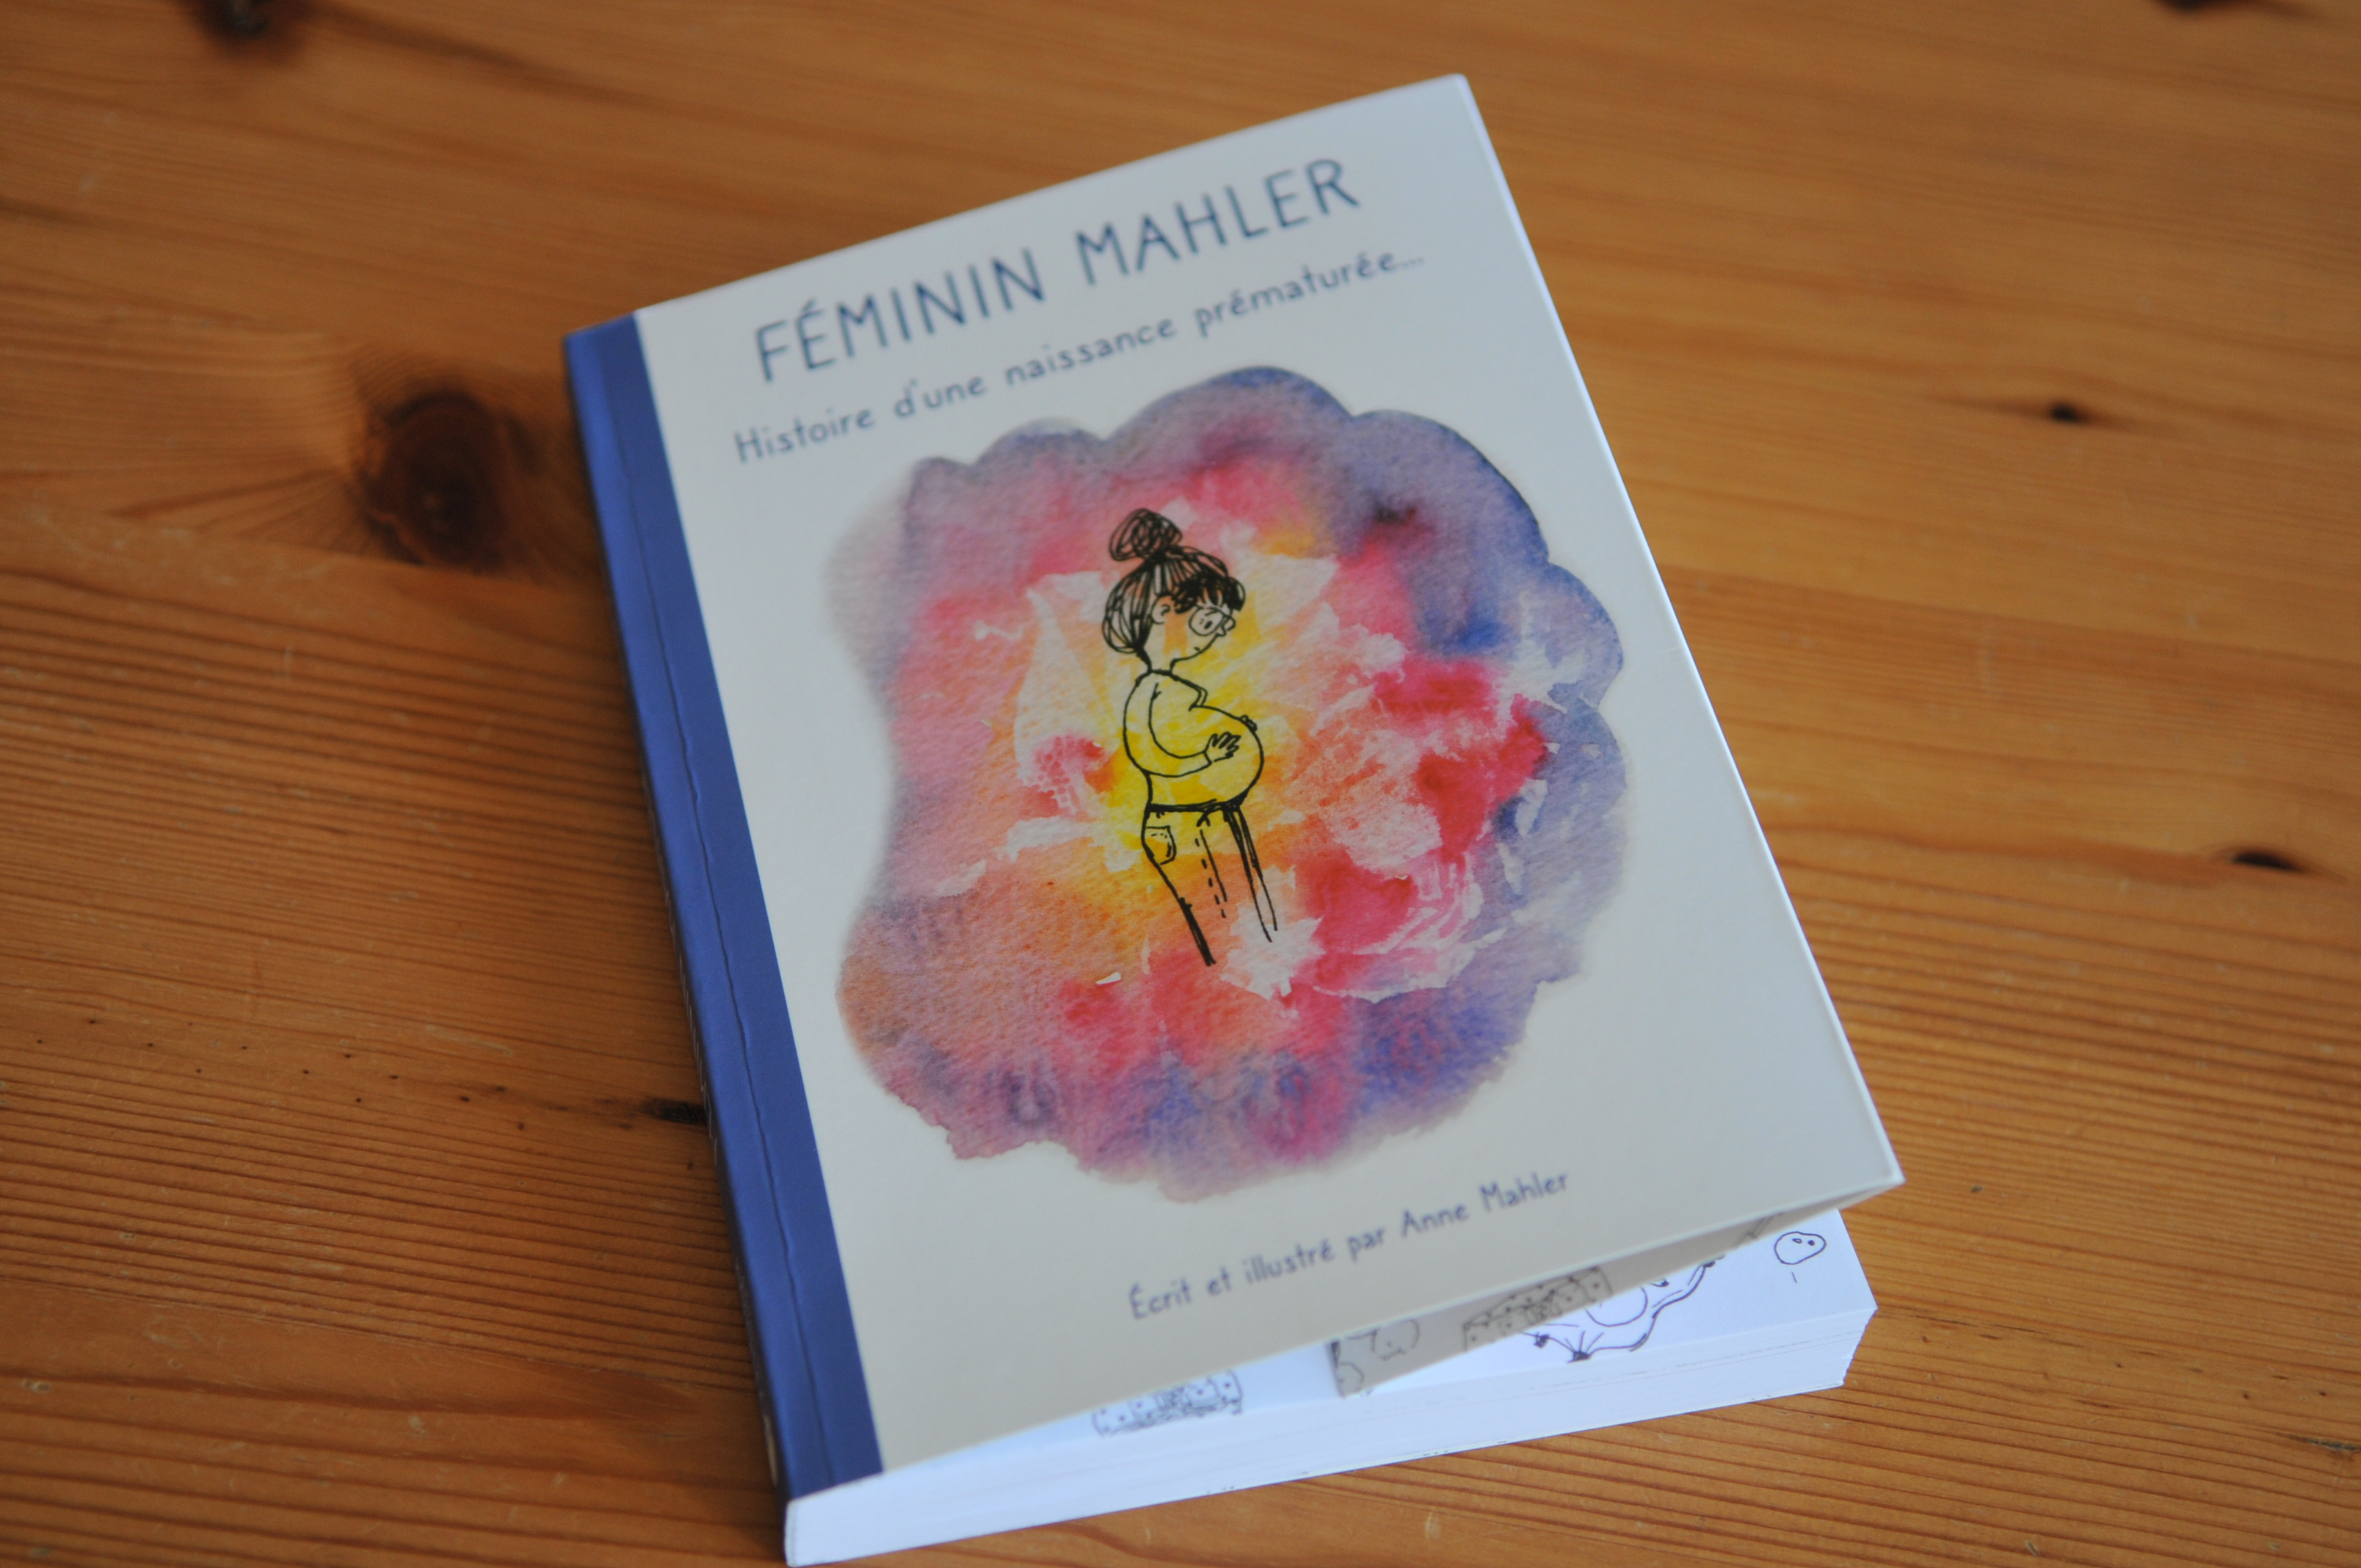 Féminin-Malher-Histoire-D-Une-Naissance-Prématurée